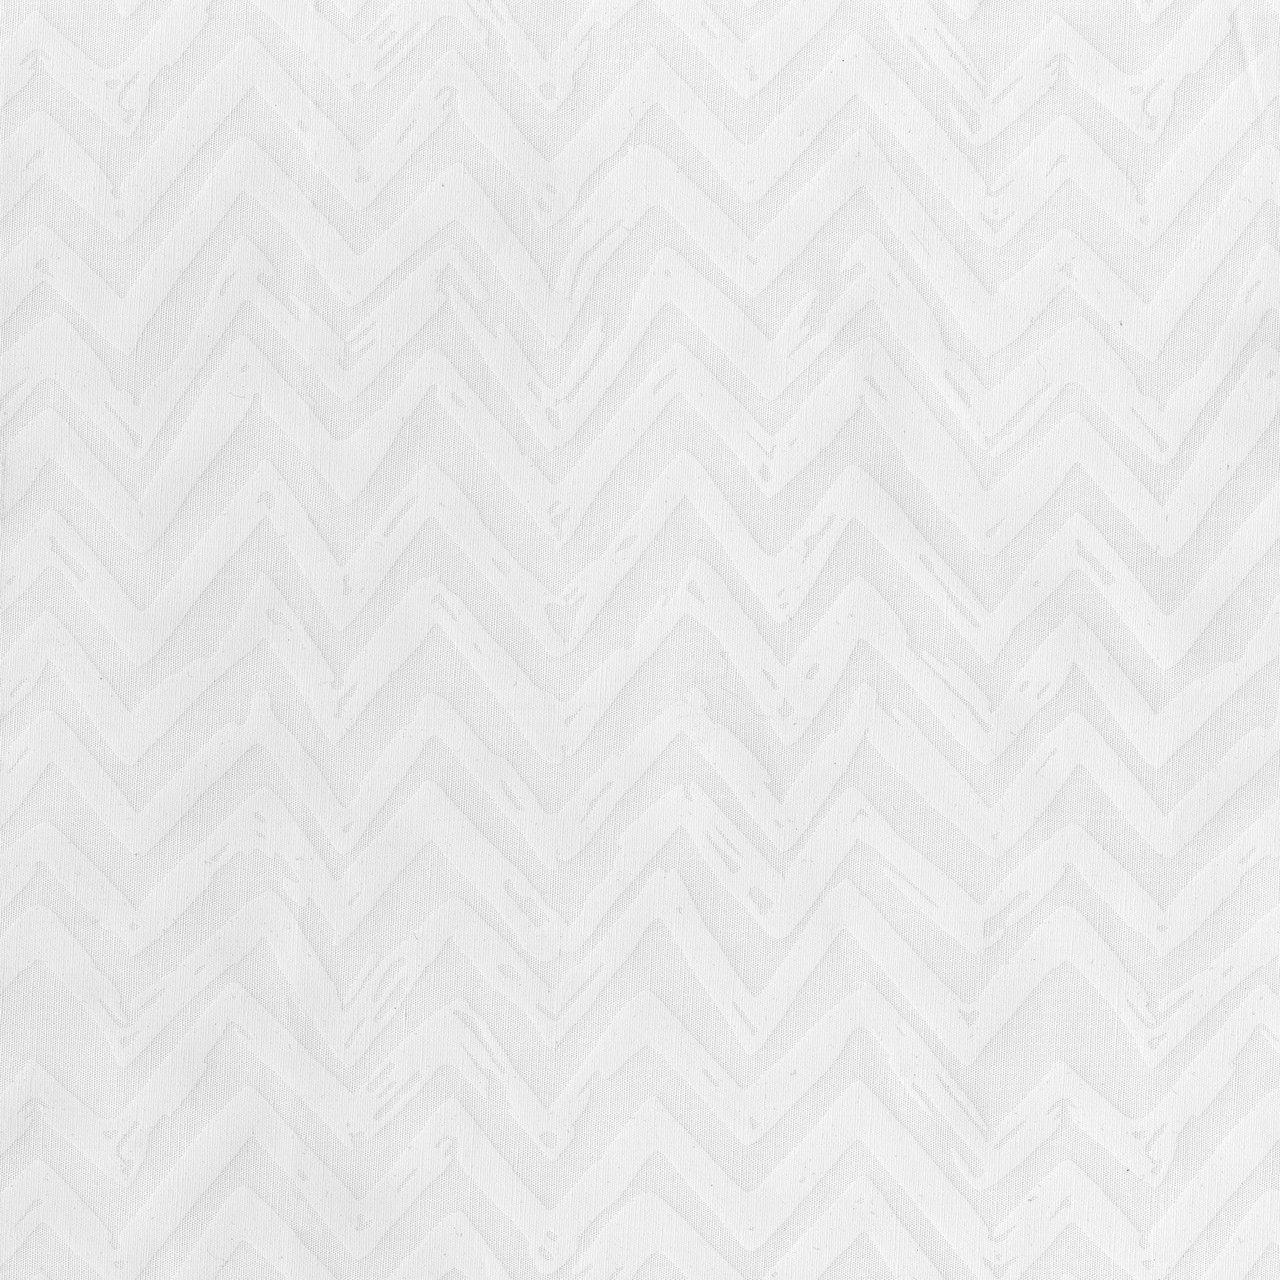 Whisper Chevron - White/White